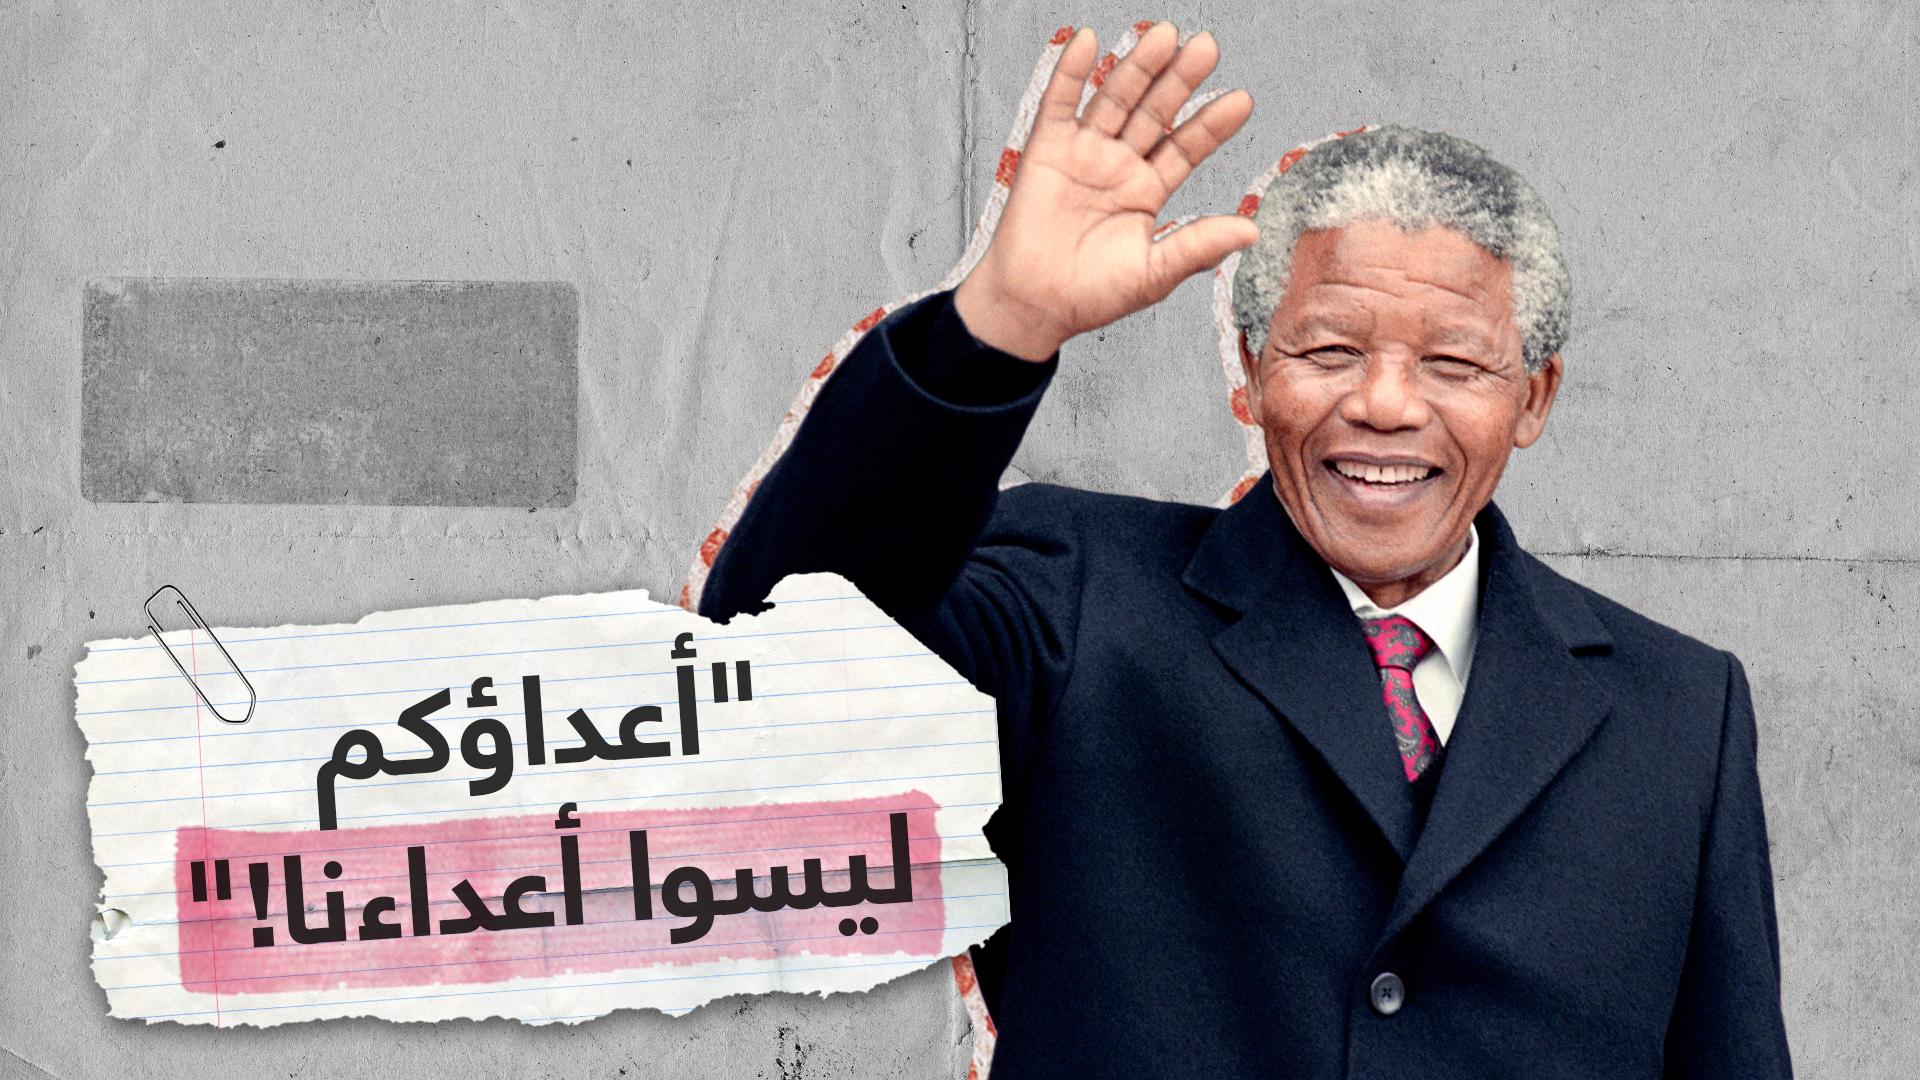 مانديلا يرد بقوة على صحفي أمريكي حاول مهاجمته لدعمه ياسر عرفات والقذافي وكاسترو!